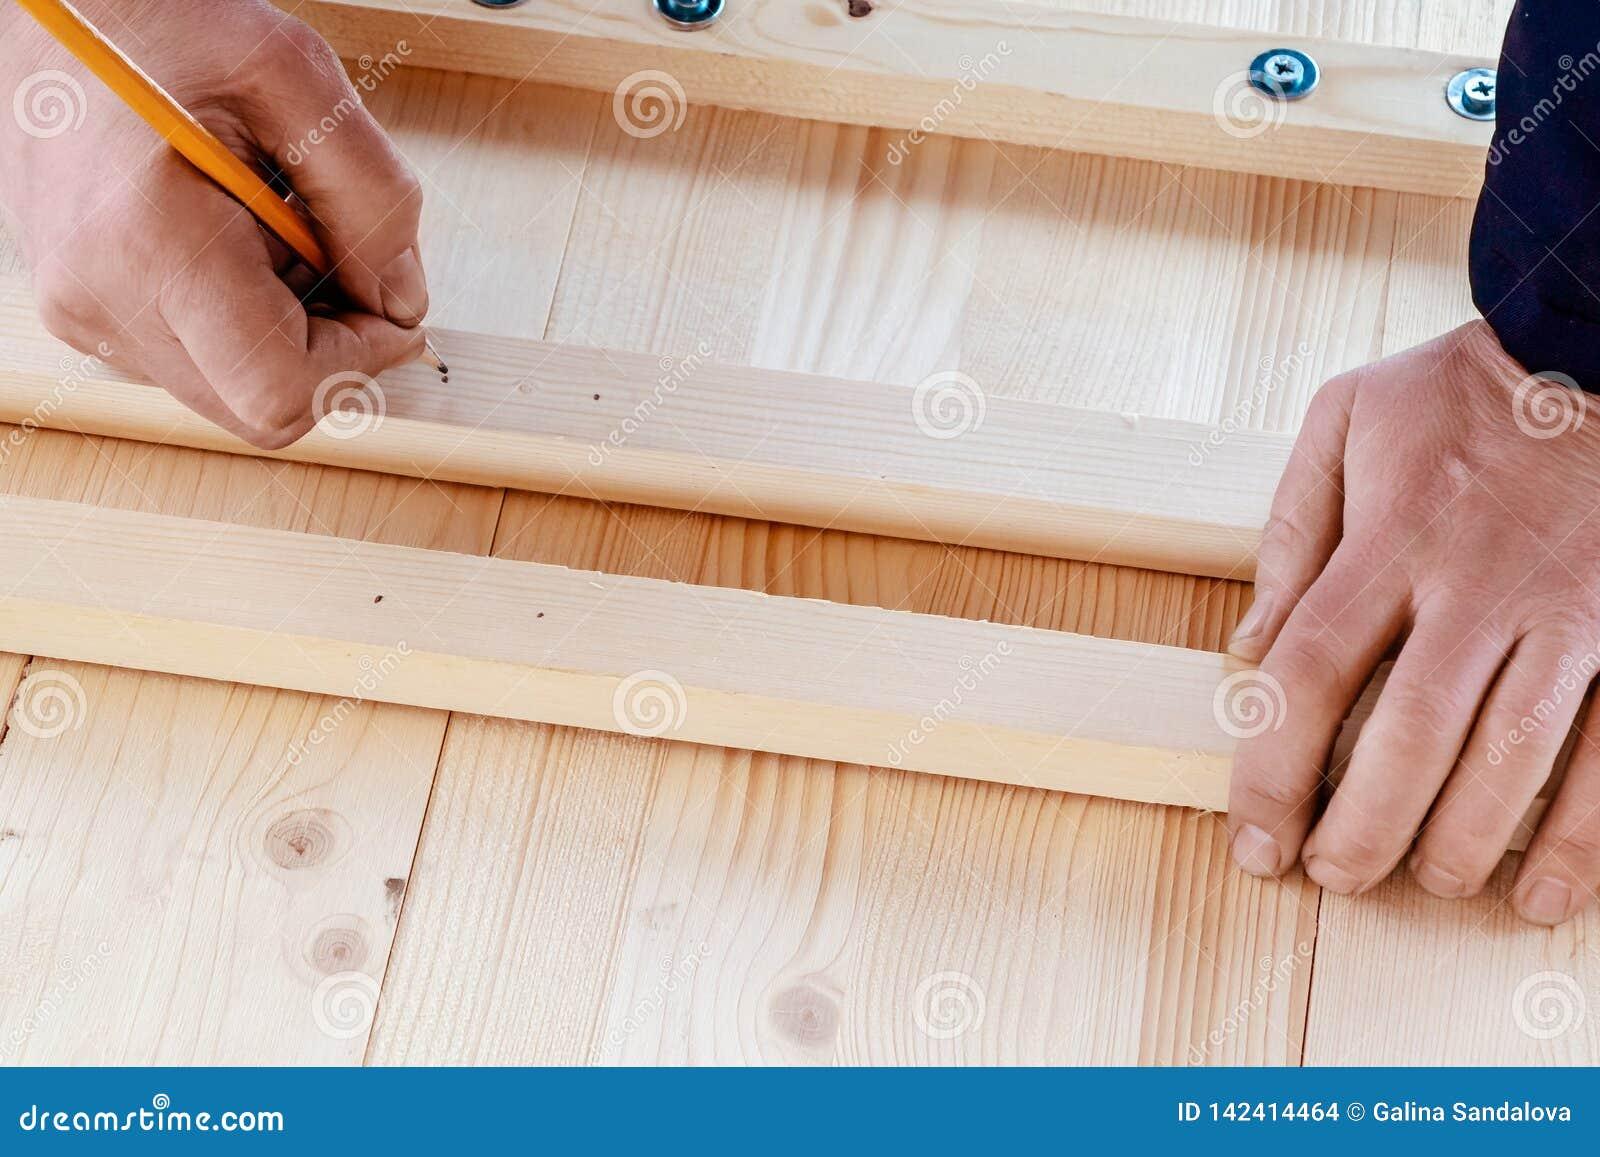 As mãos masculinas estão marcando placas para furos de perfuração para os parafusos